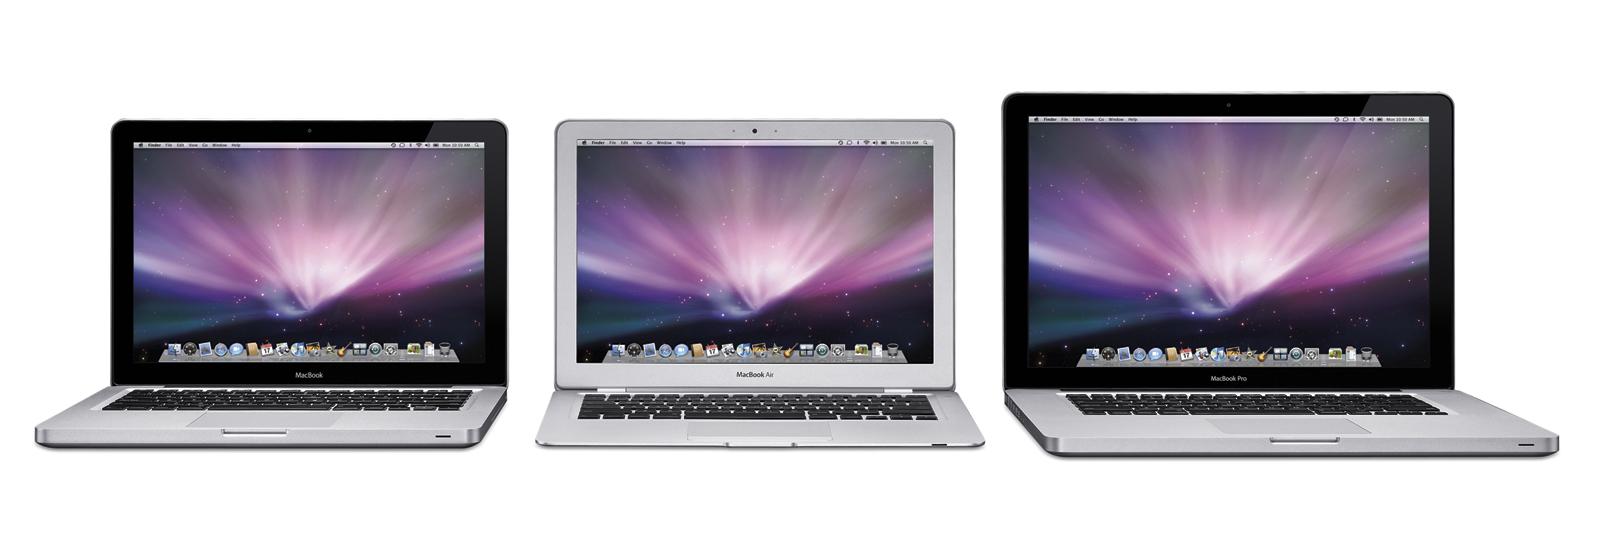 review apple macbook pro 15 u0026quot  v5 2008  unibody  9600m gt   9400m